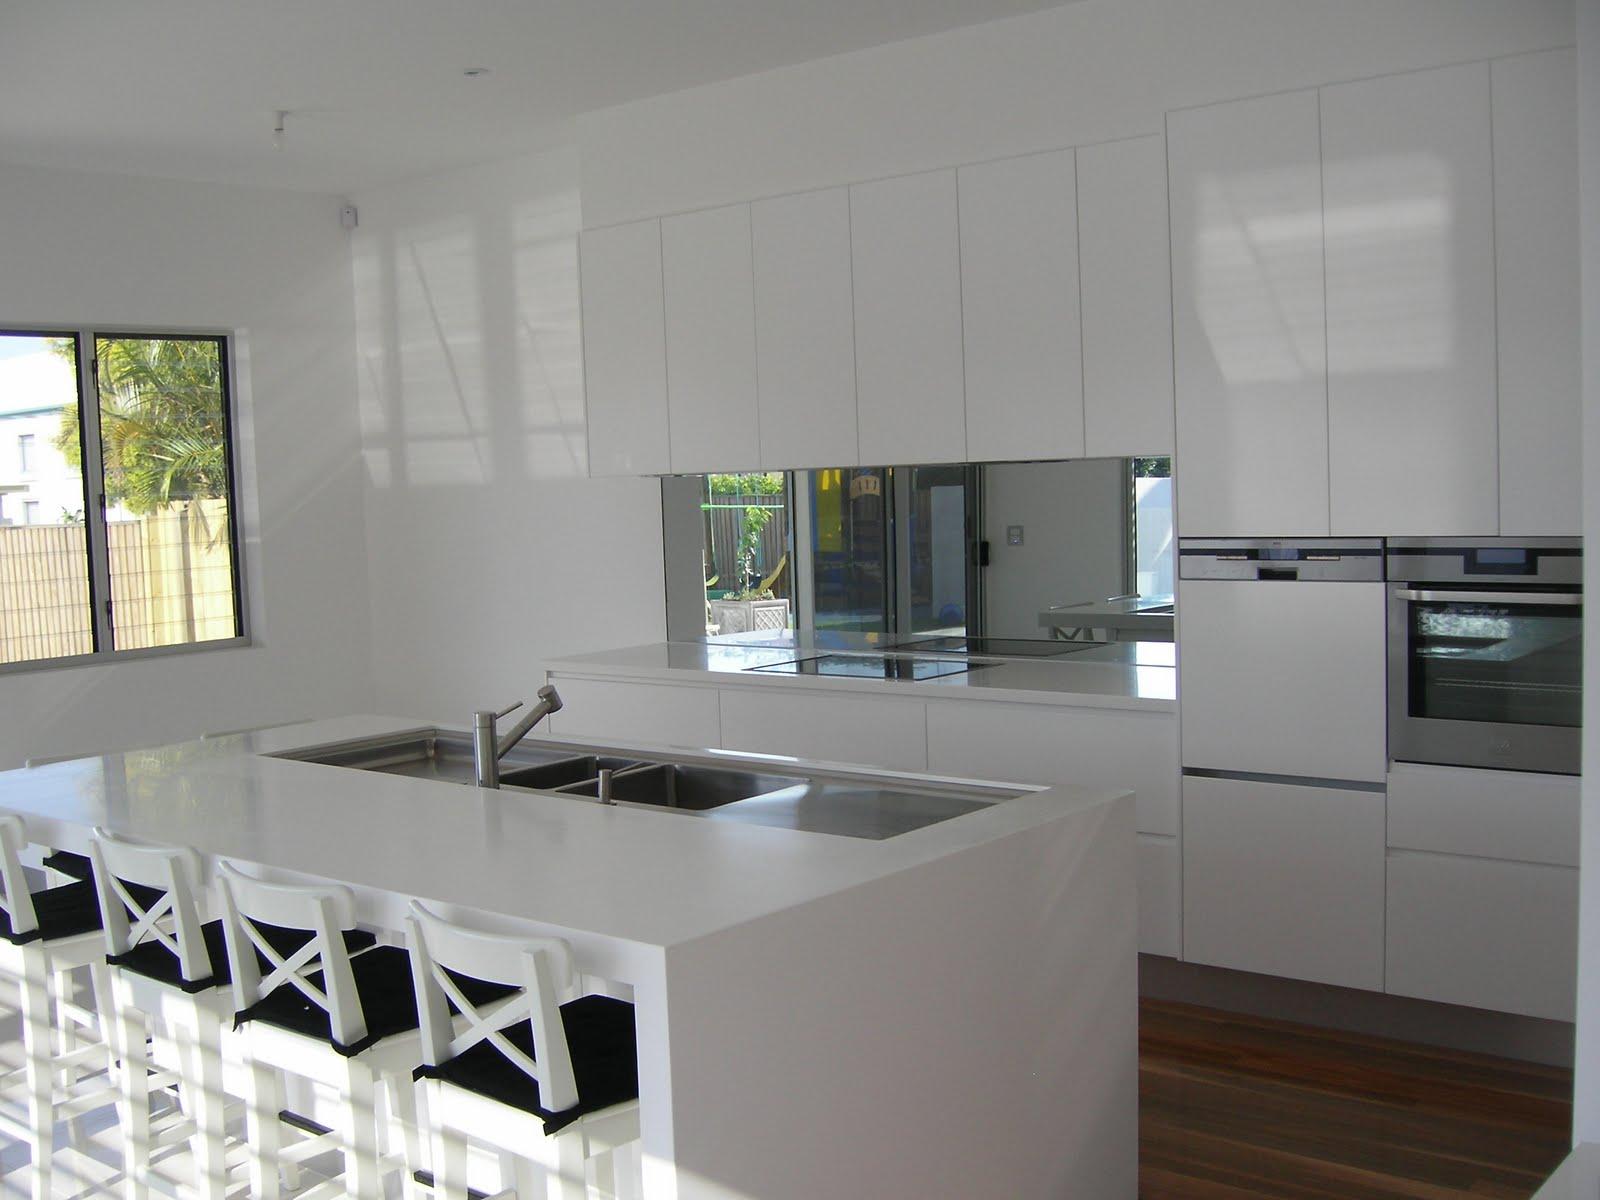 Mirror Splashback Kitchen with White